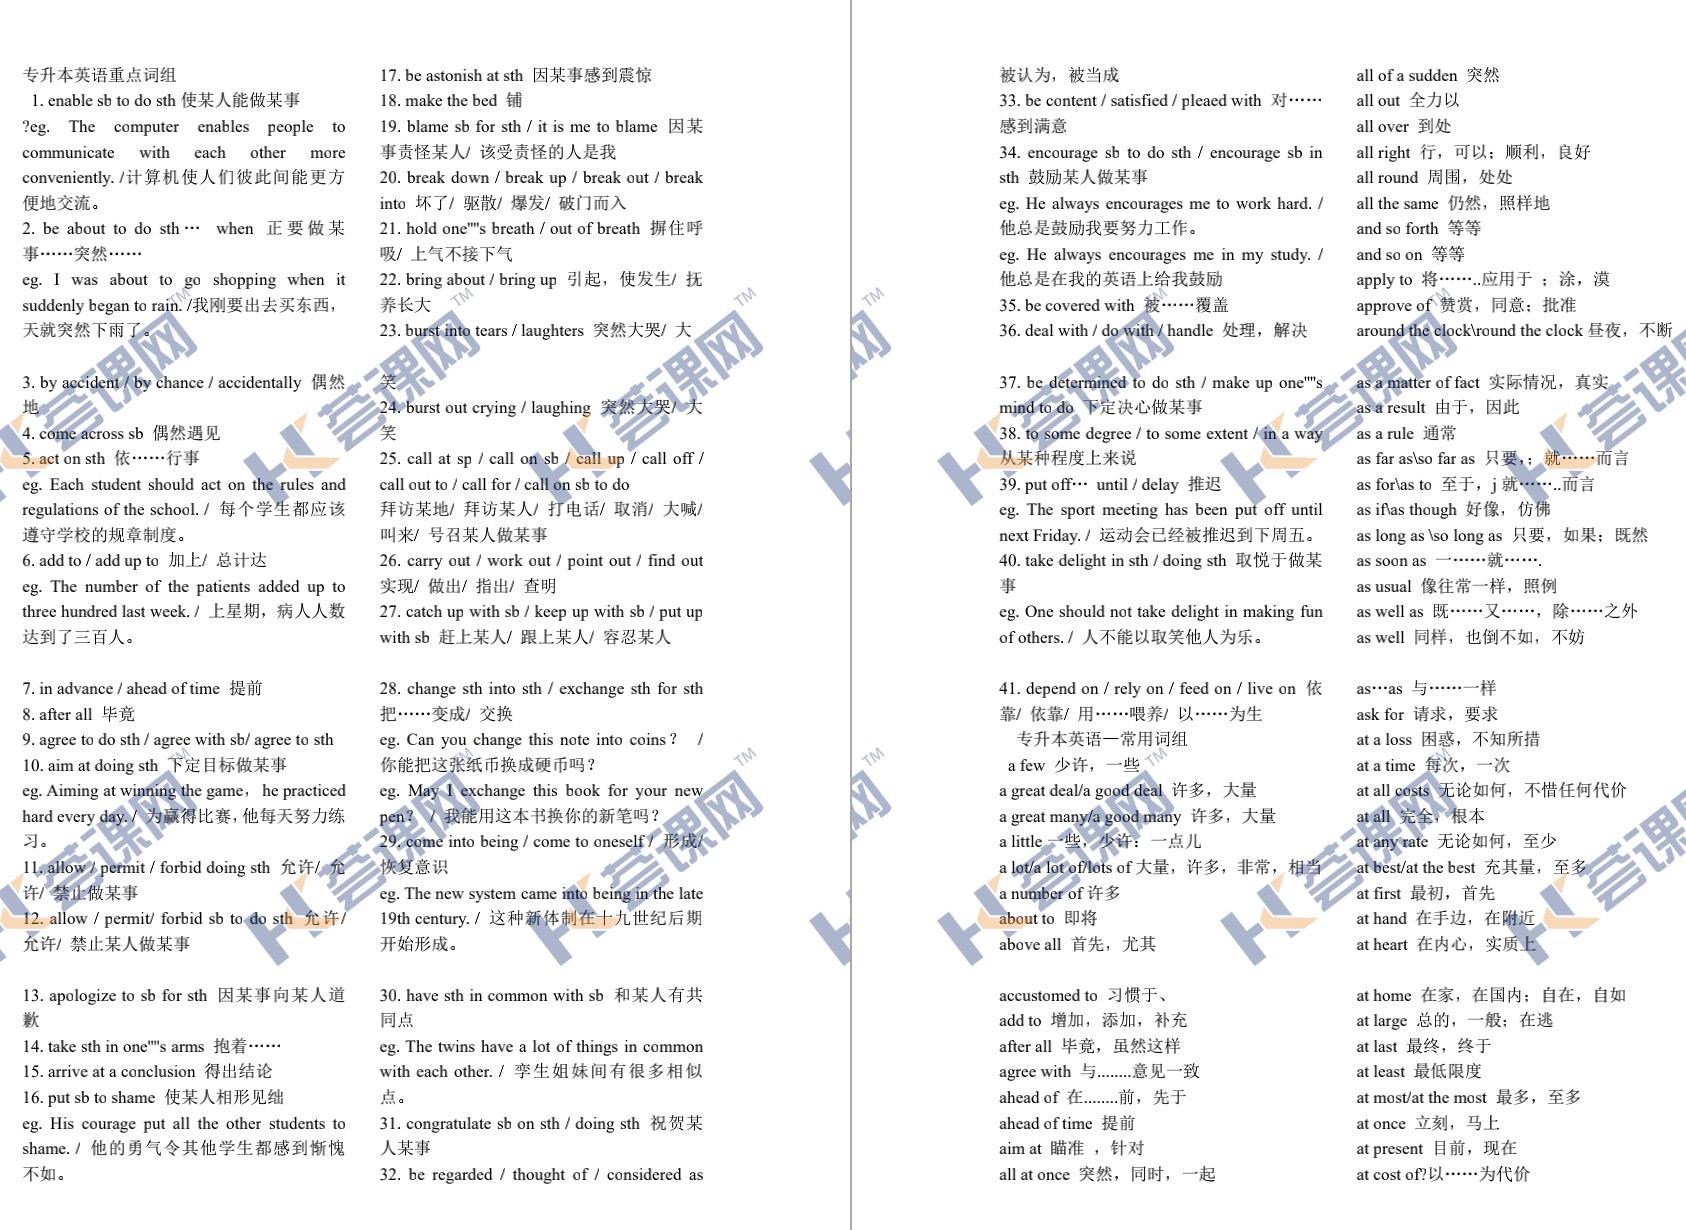 天津高职专升本英语重点词组汇总在线下载